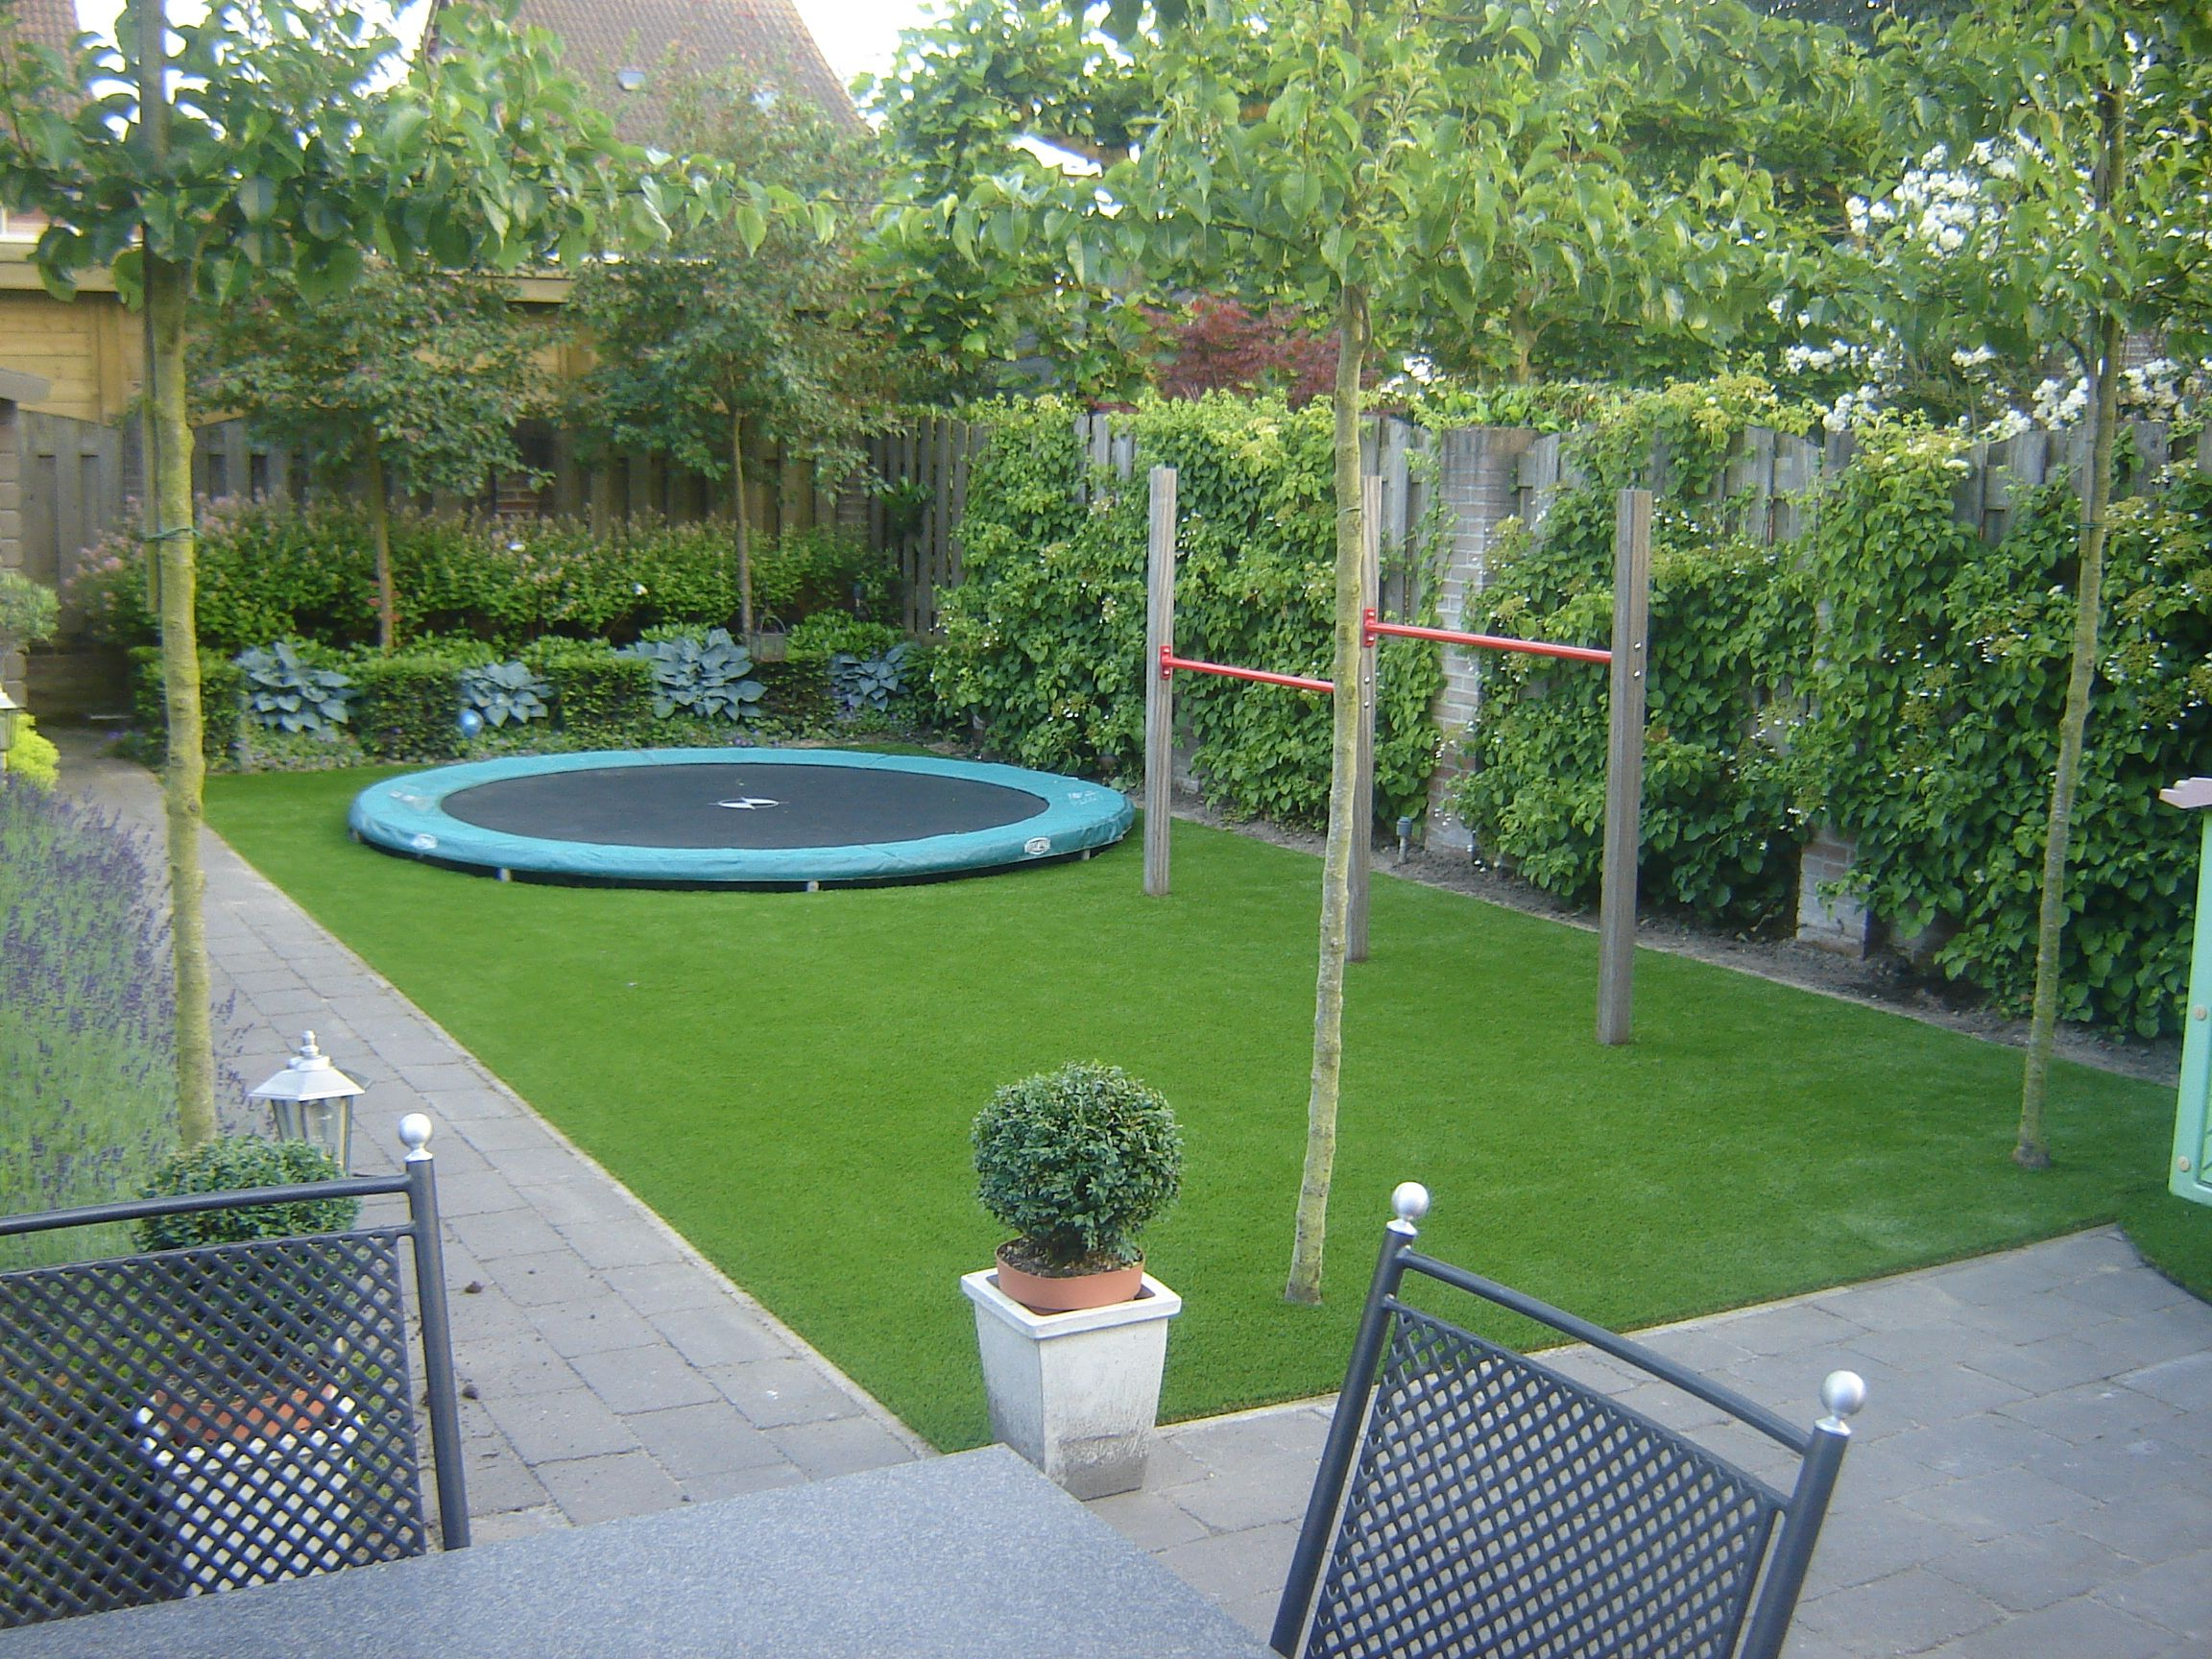 Kleine tuin kindvriendelijk google zoeken eva b tuin for Tuin ontwerpen ipad